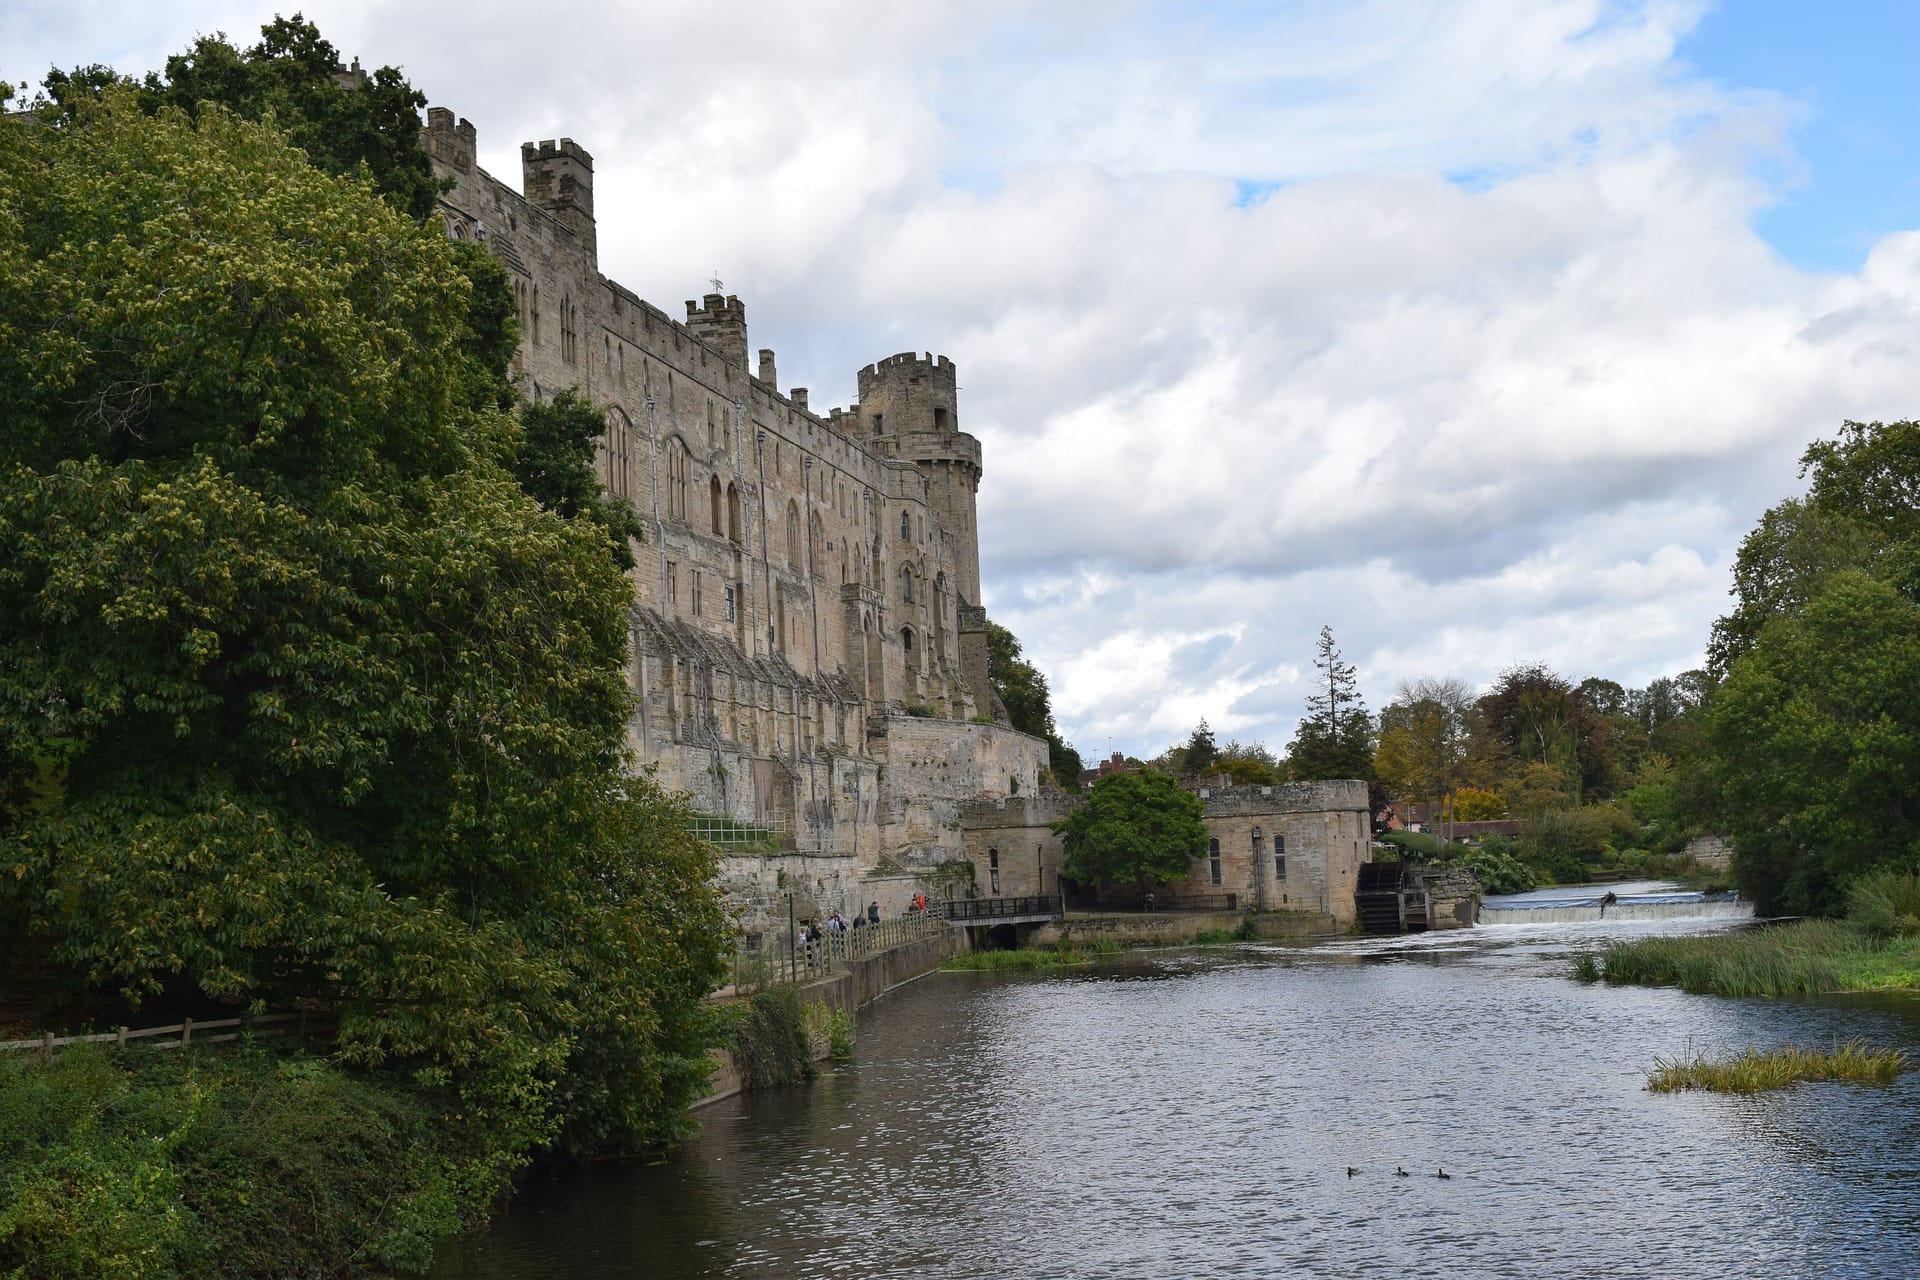 warwick-castle-4542177_1920